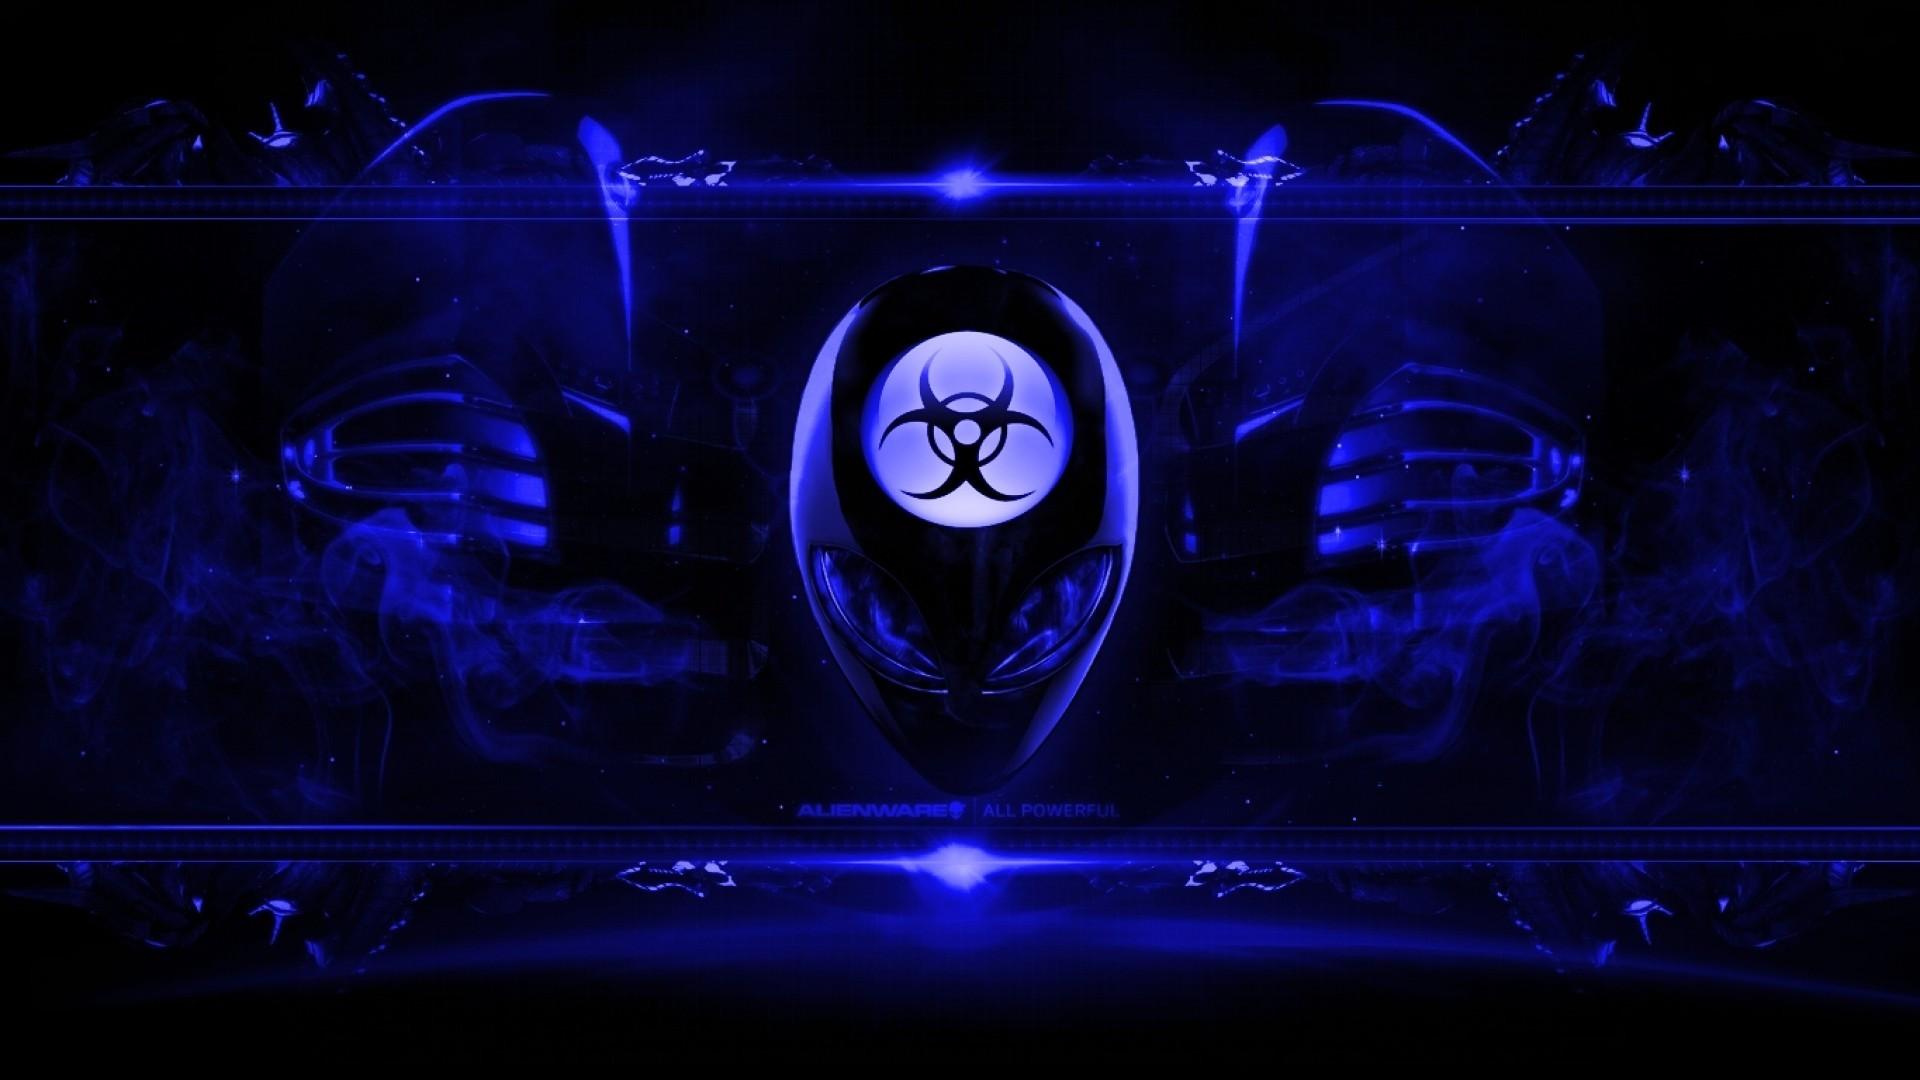 alienware wallpaper 4k